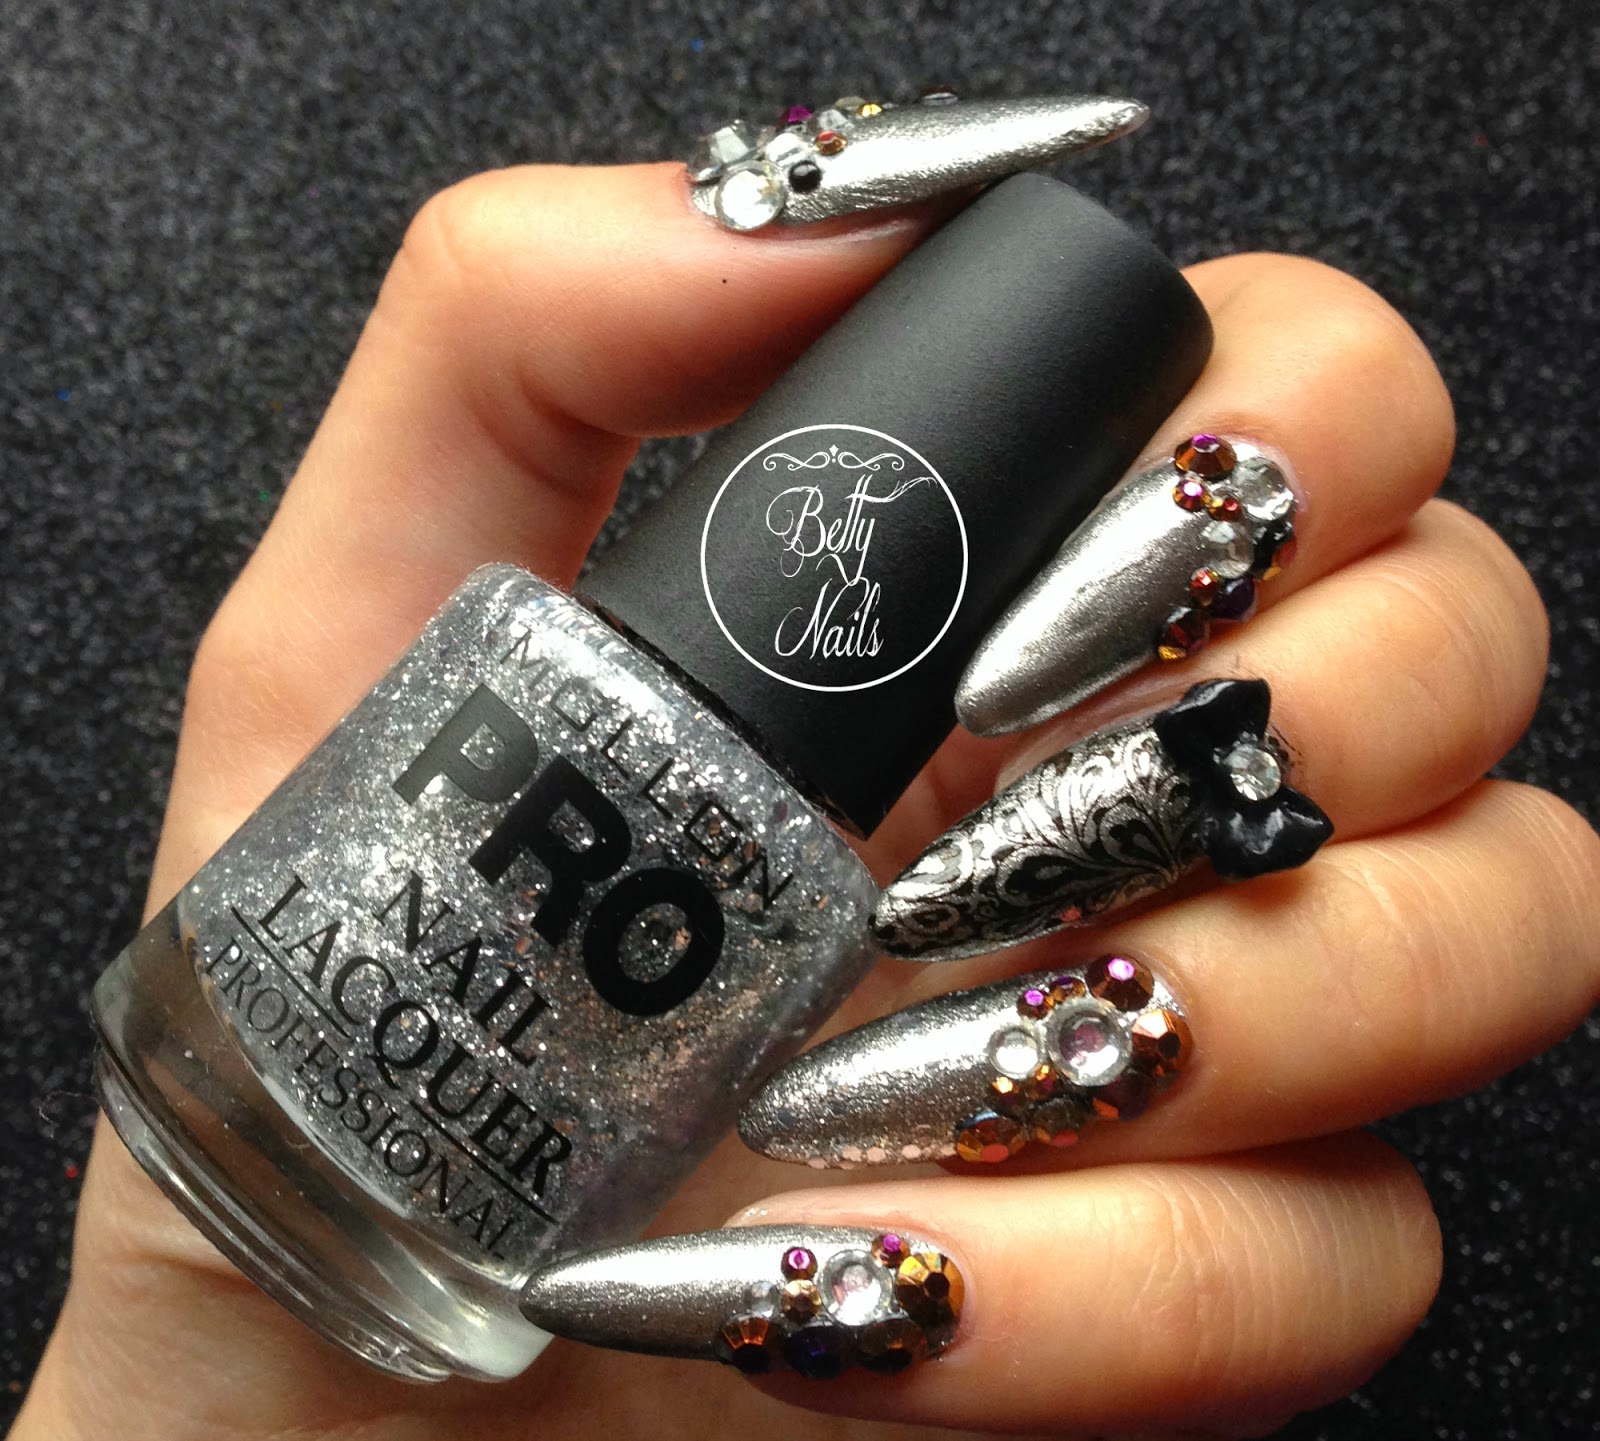 betty nails silver christmas nailart bling opi mollonpro